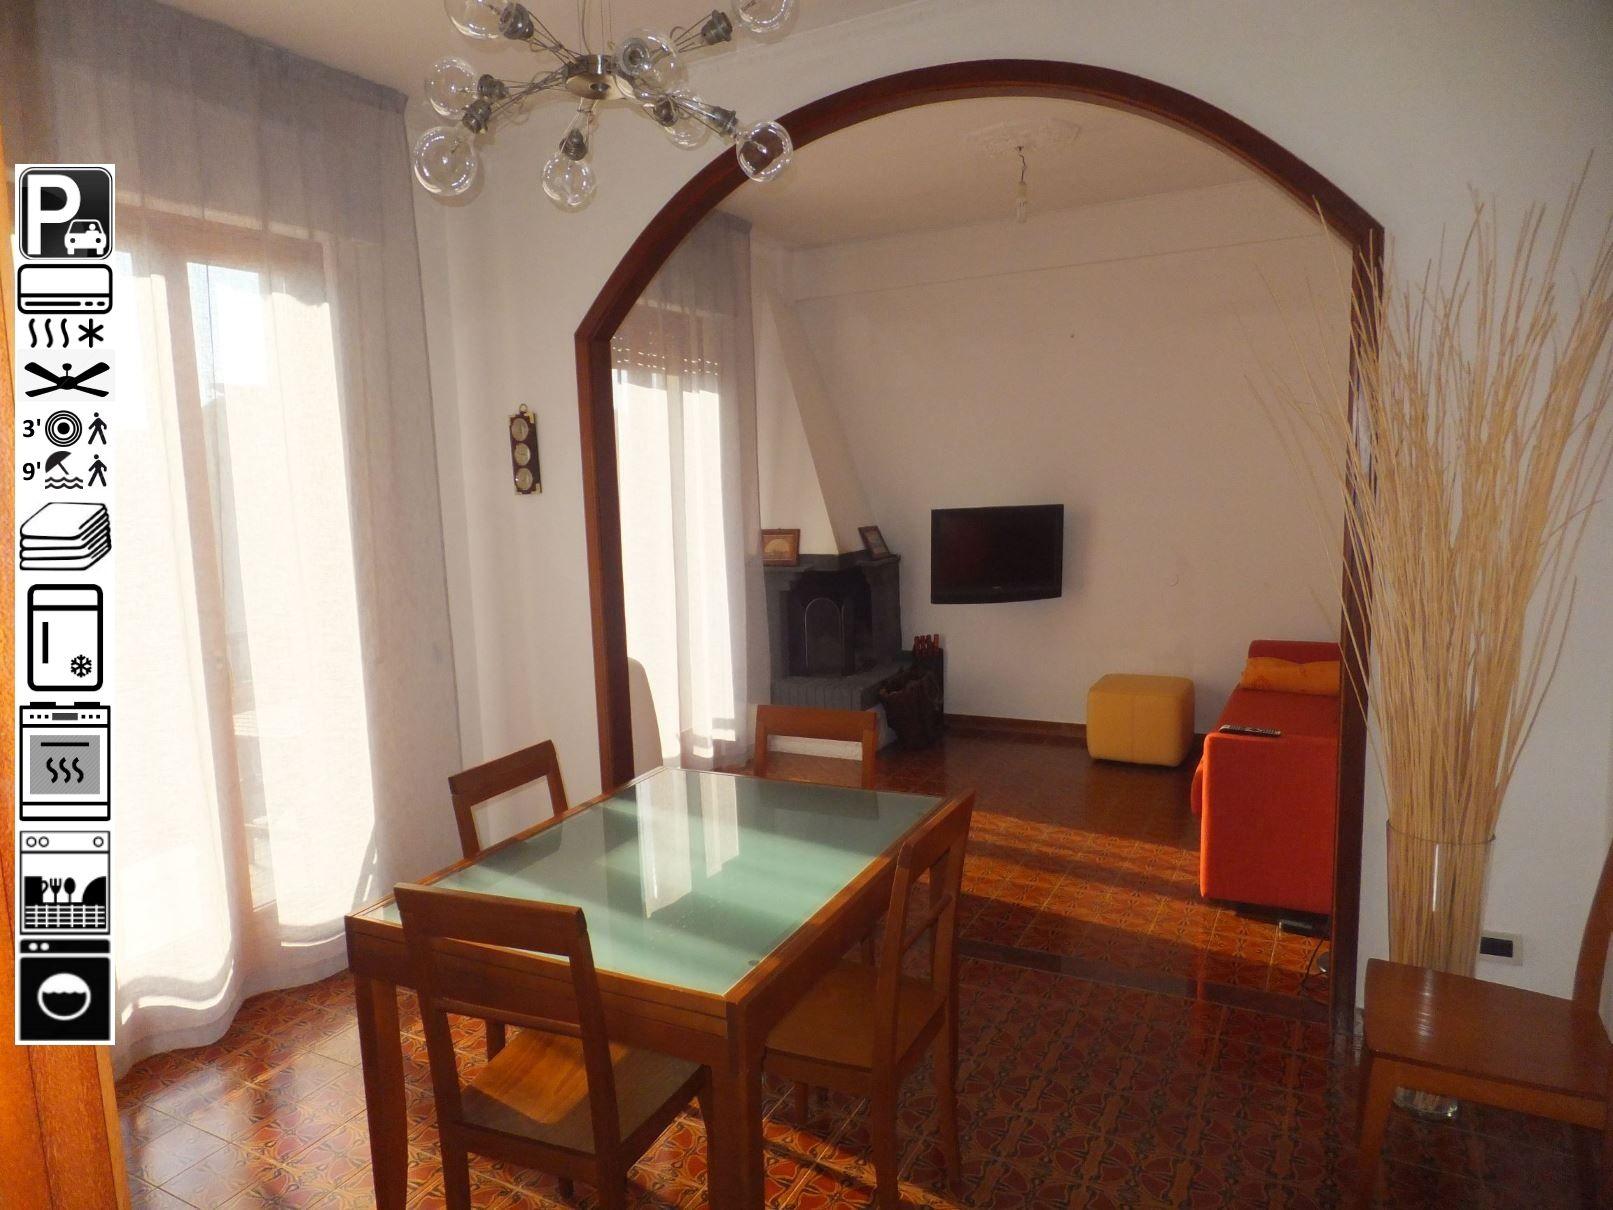 Appartamento di 2 camere con giardino